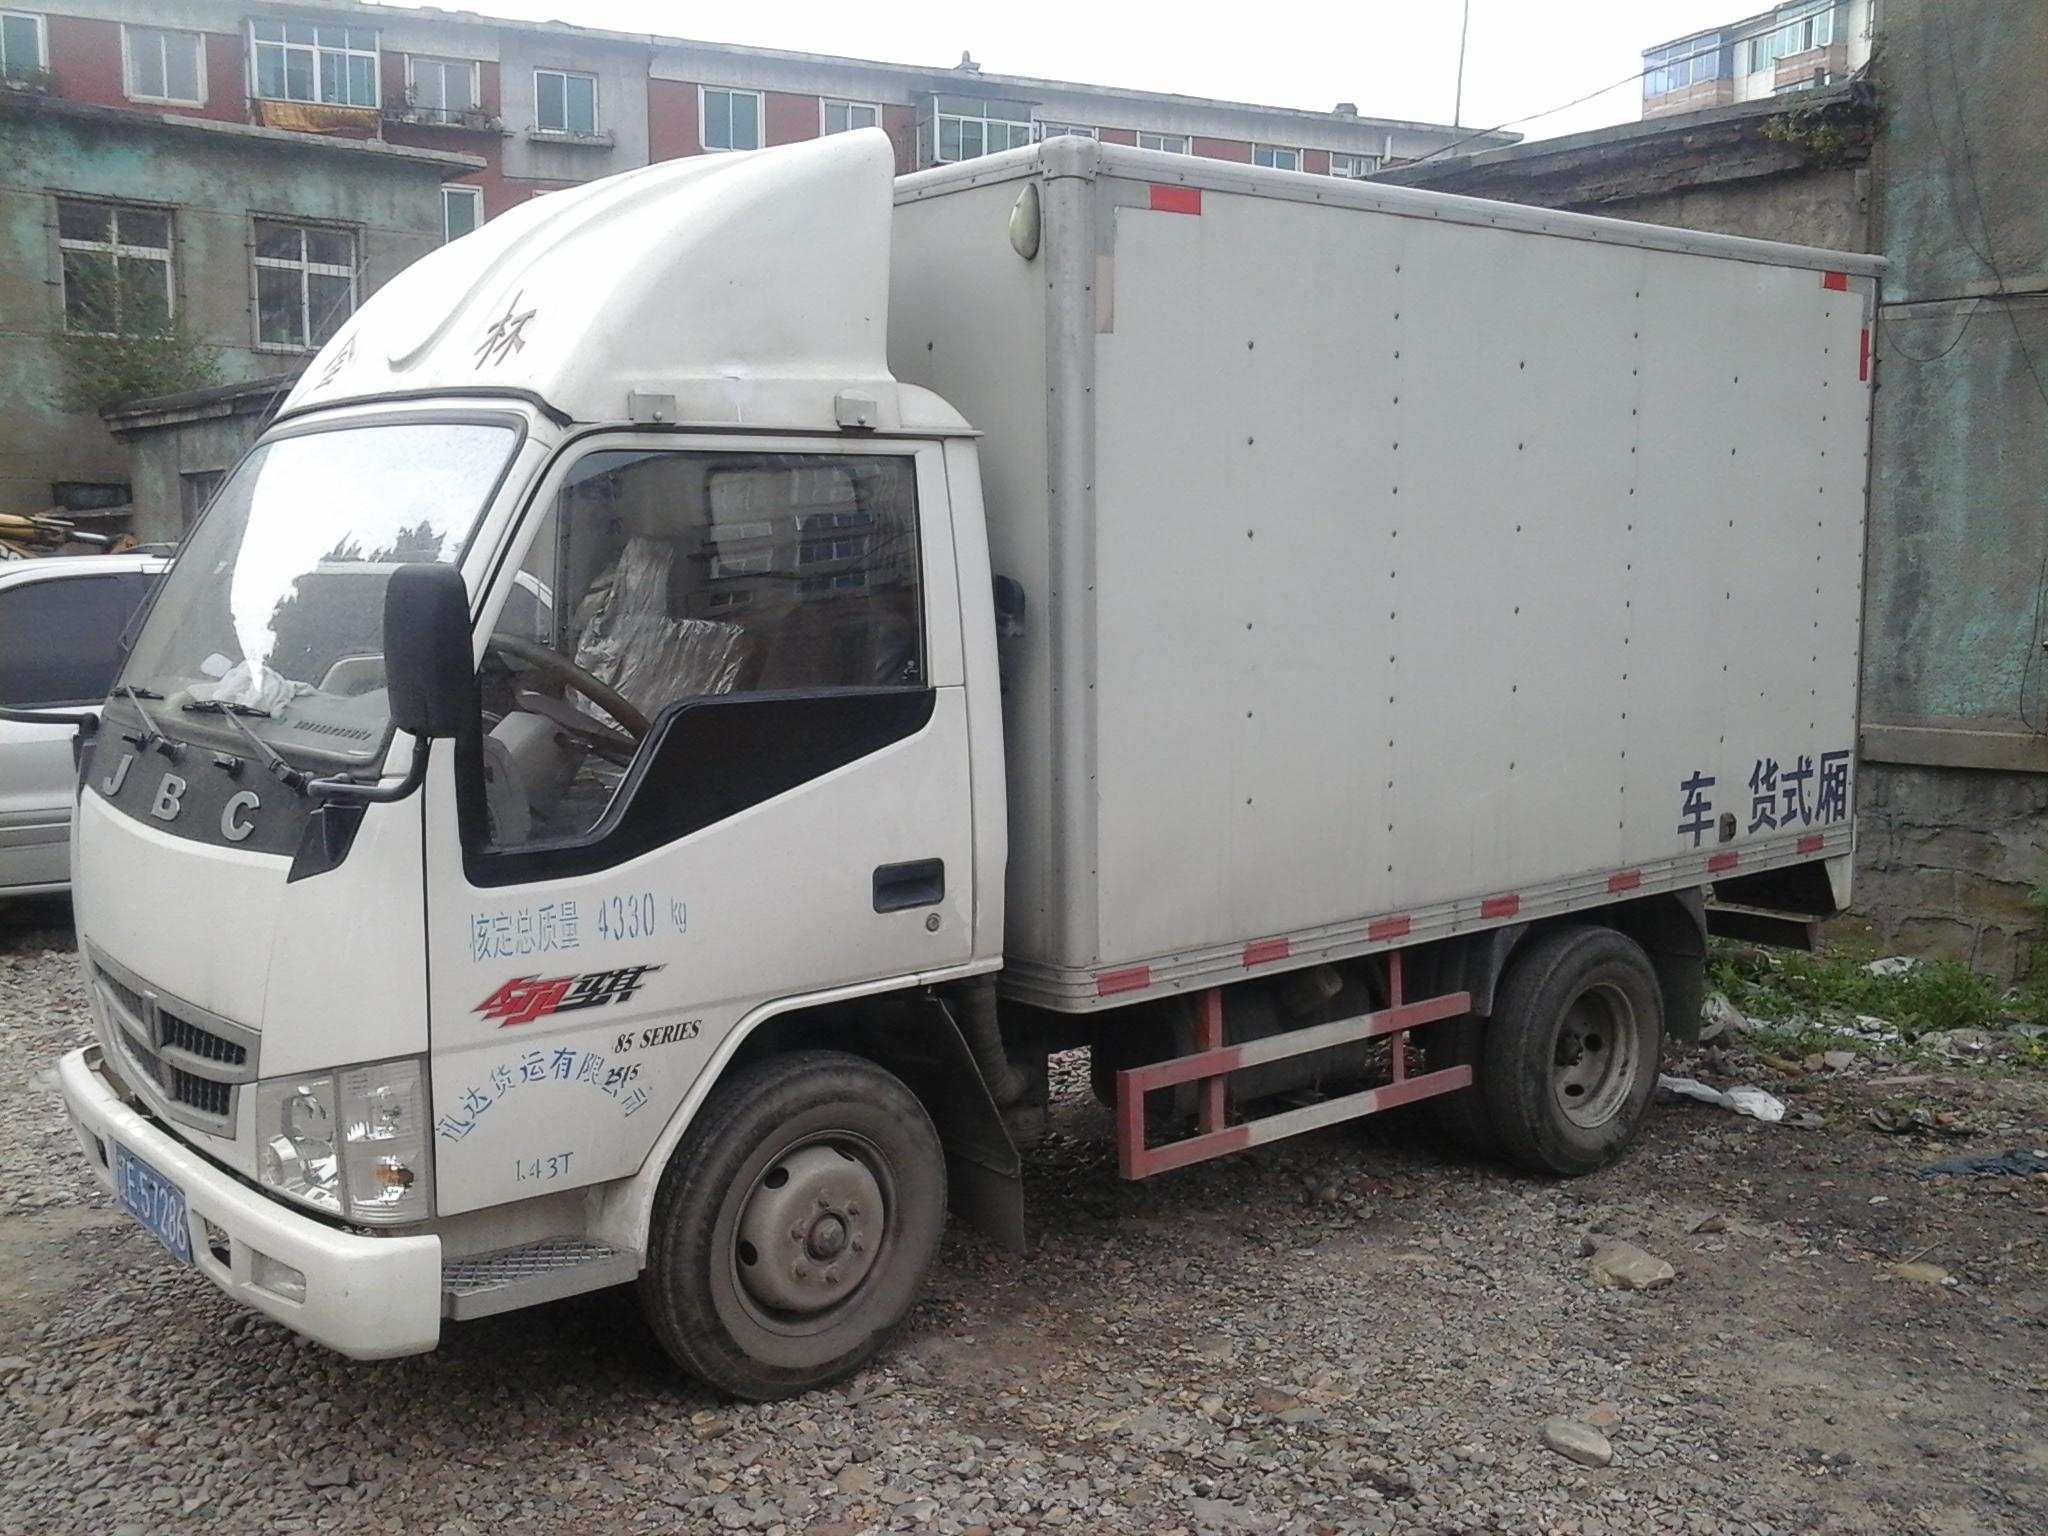 二手车-萍乡汽车网|萍乡市盛泰   【图】出售黑豹单排小货车 高清图片